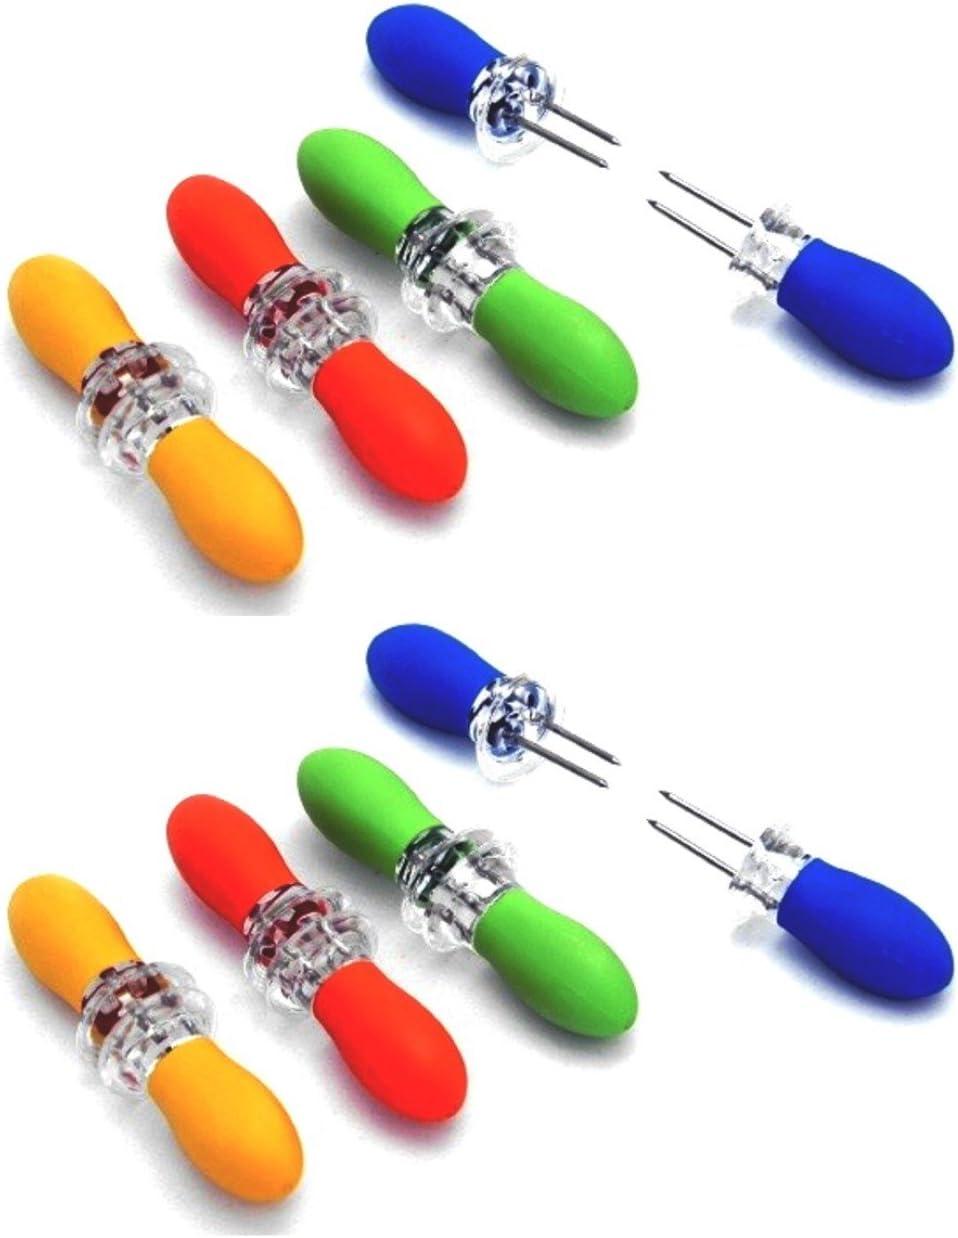 Chef Craft Interlocking Jumbo Corn Holder 4 pair (2 Packs)